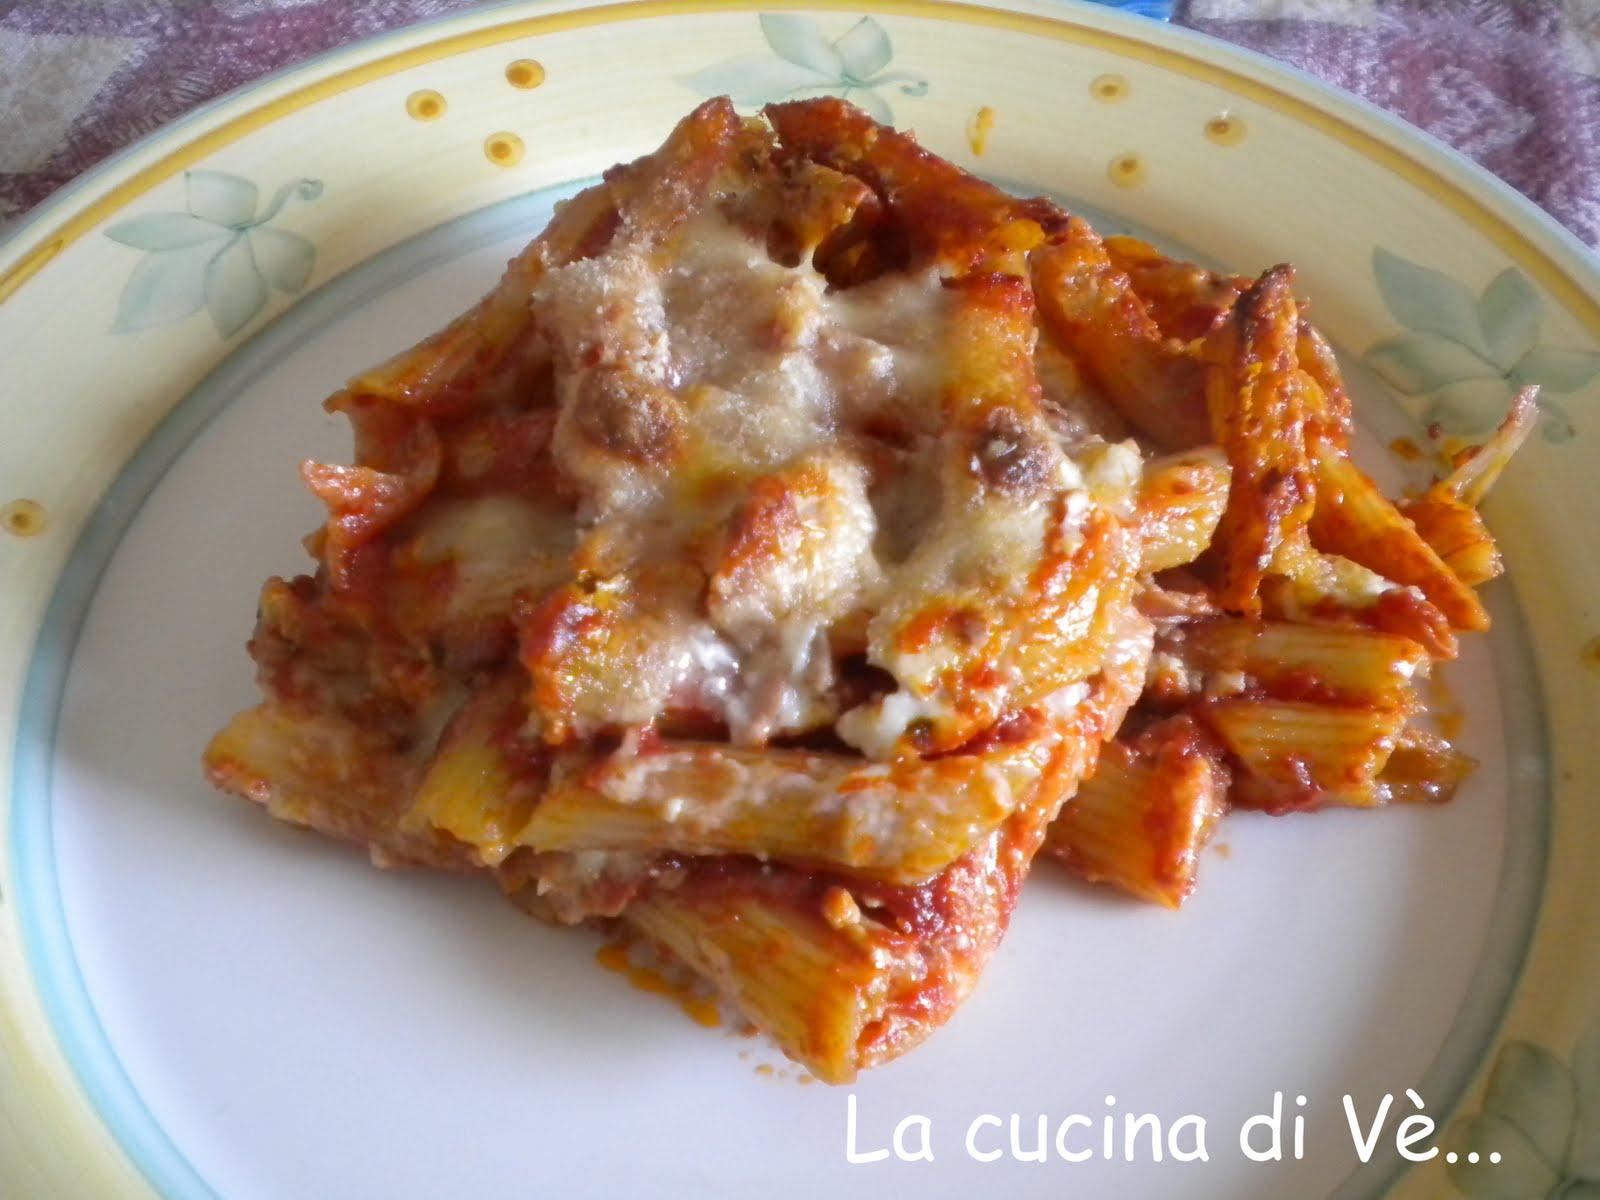 La Cucina Di Vè : Pasta Al Forno Semplice Semplice #B9480D 1600 1200 Programma Per Creare Ricette Di Cucina